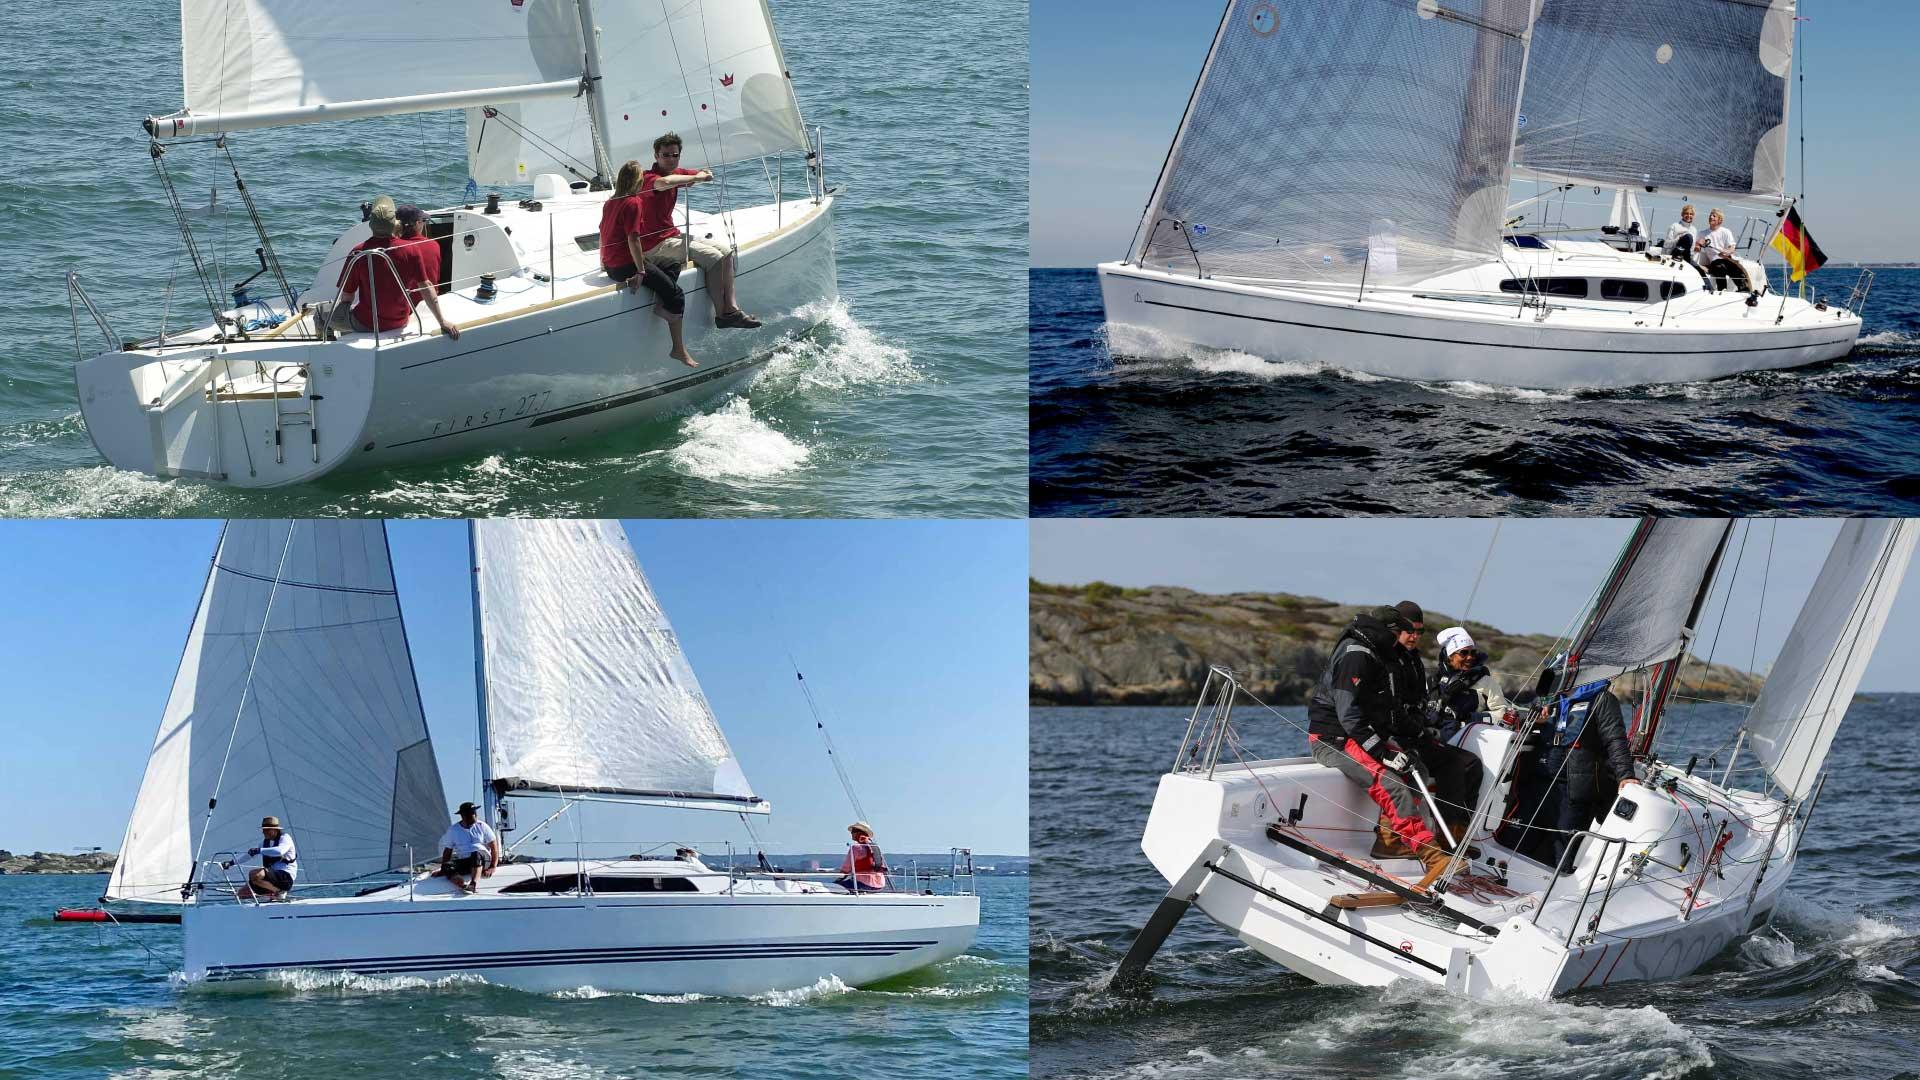 Sportig båt för familjen?